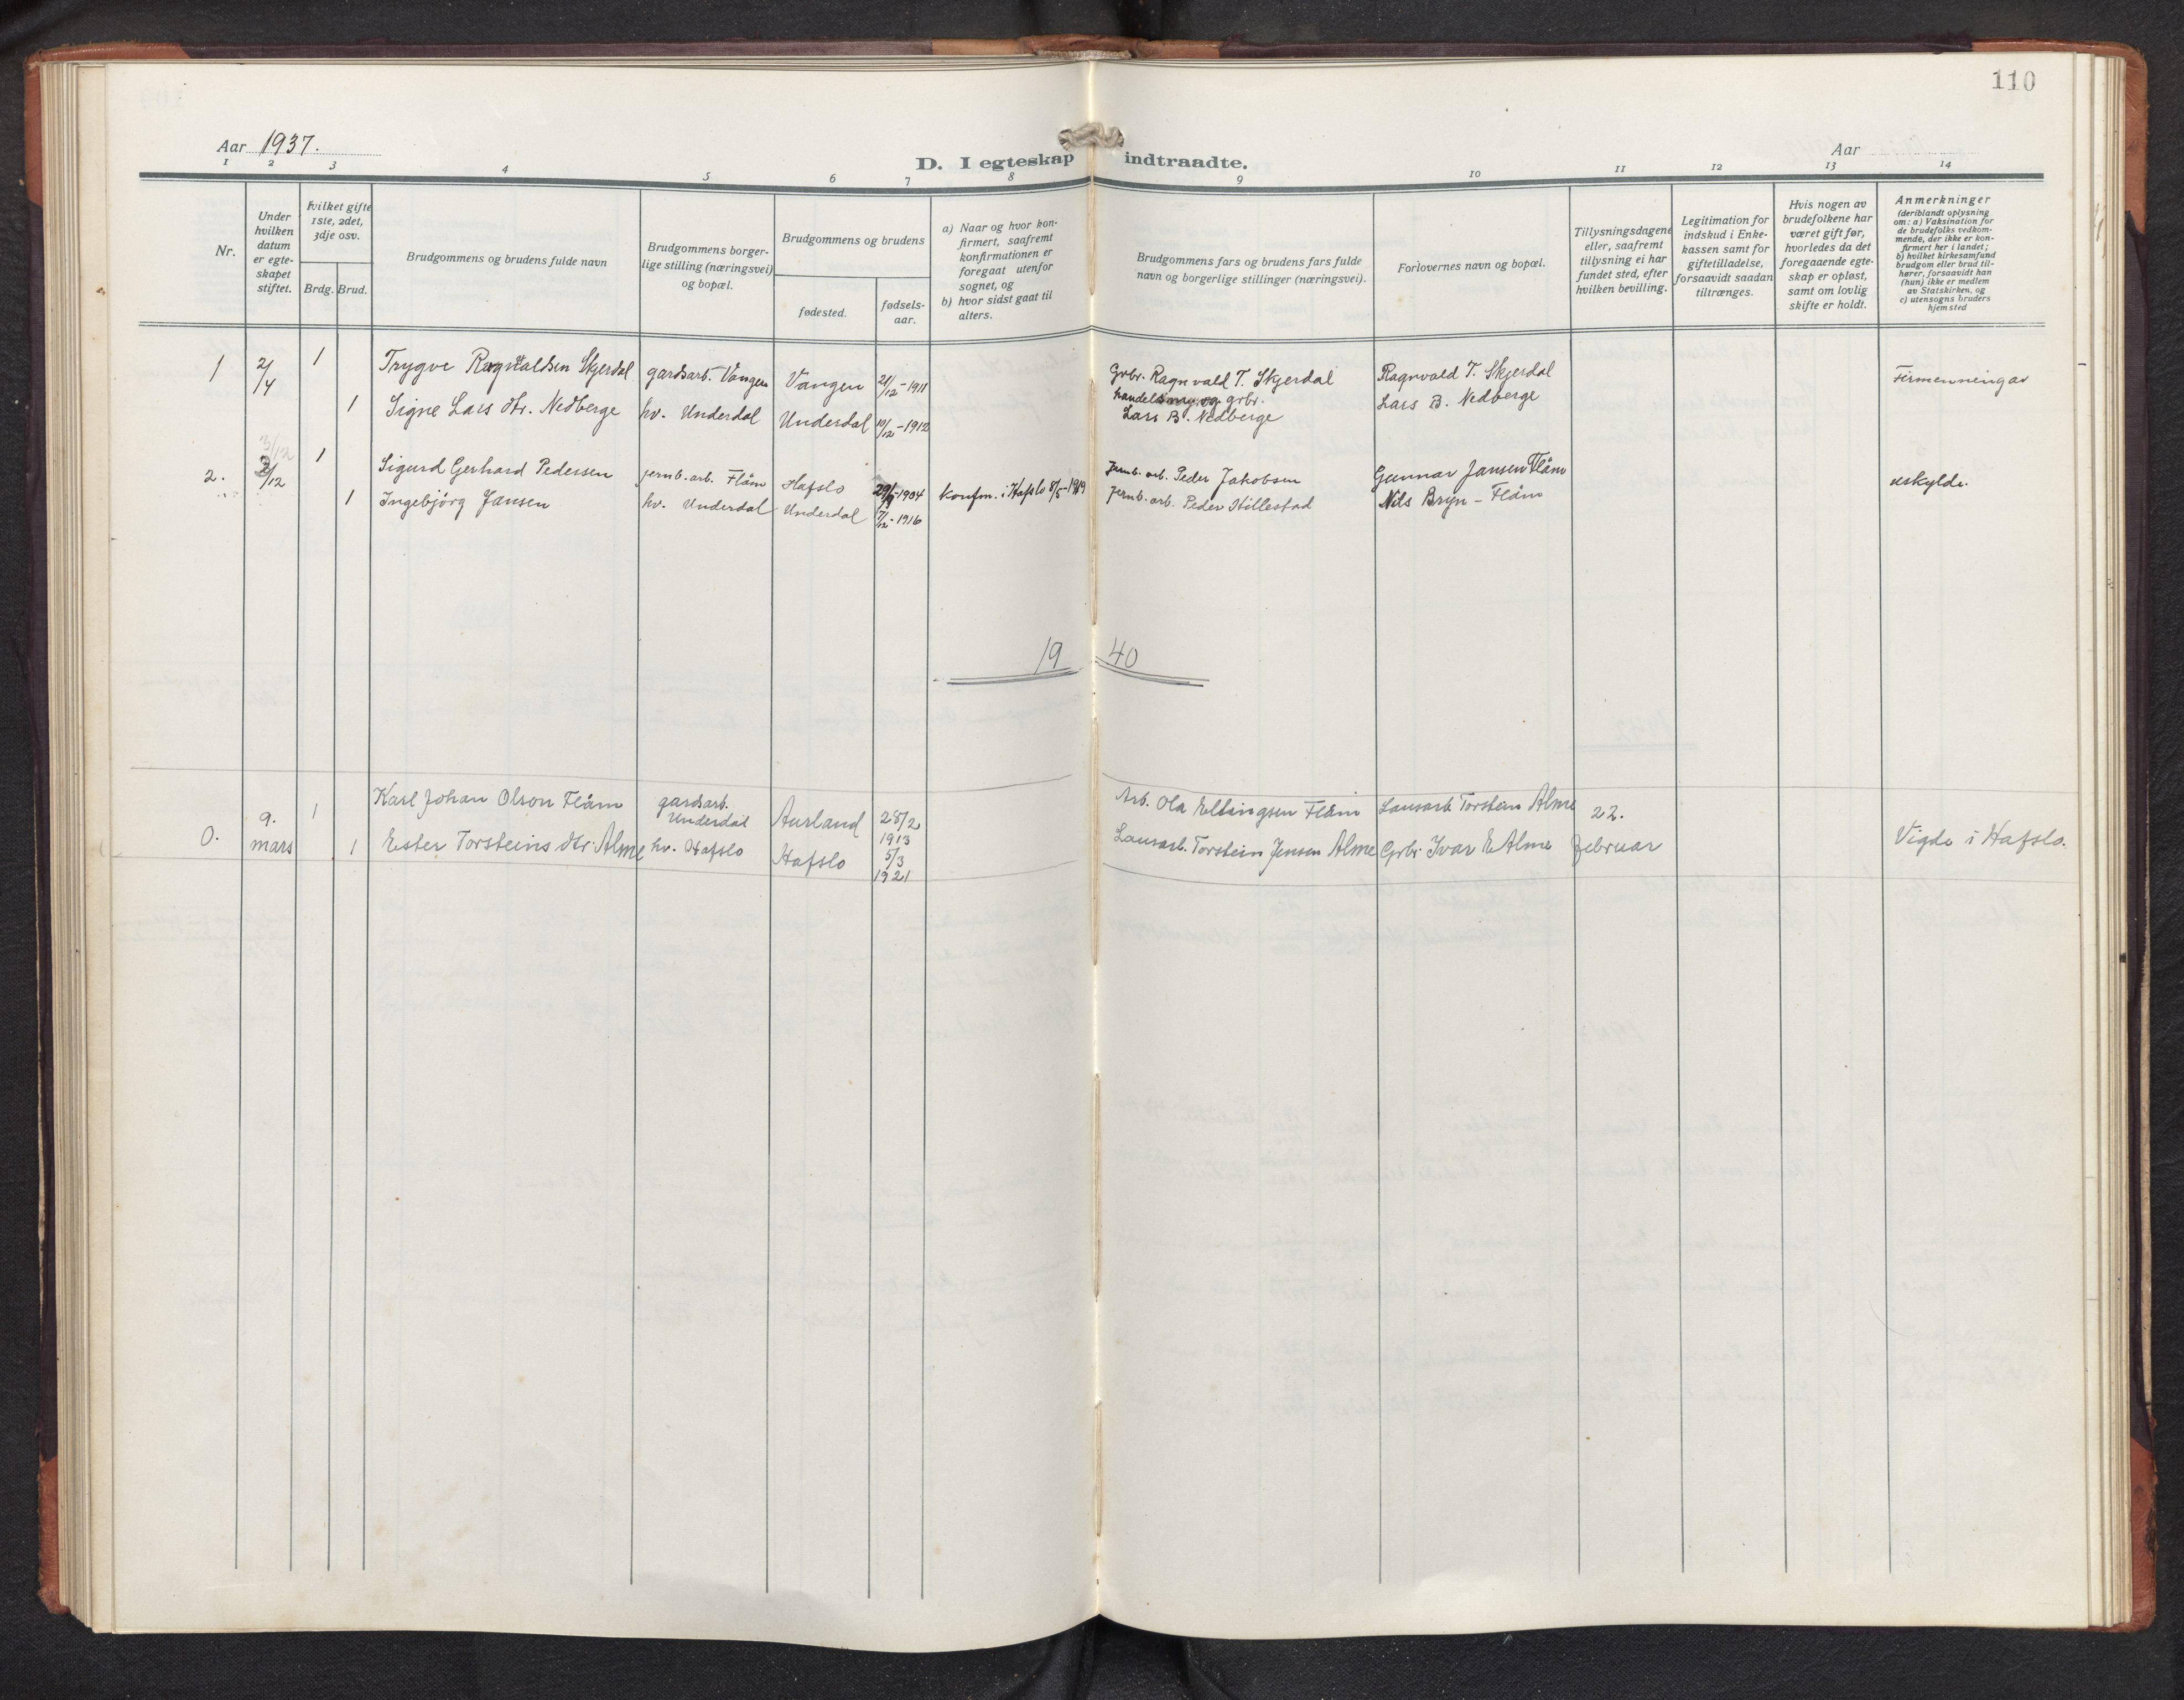 SAB, Aurland sokneprestembete, H/Hb/Hbd/L0003: Parish register (copy) no. D 3, 1920-1968, p. 109b-110a